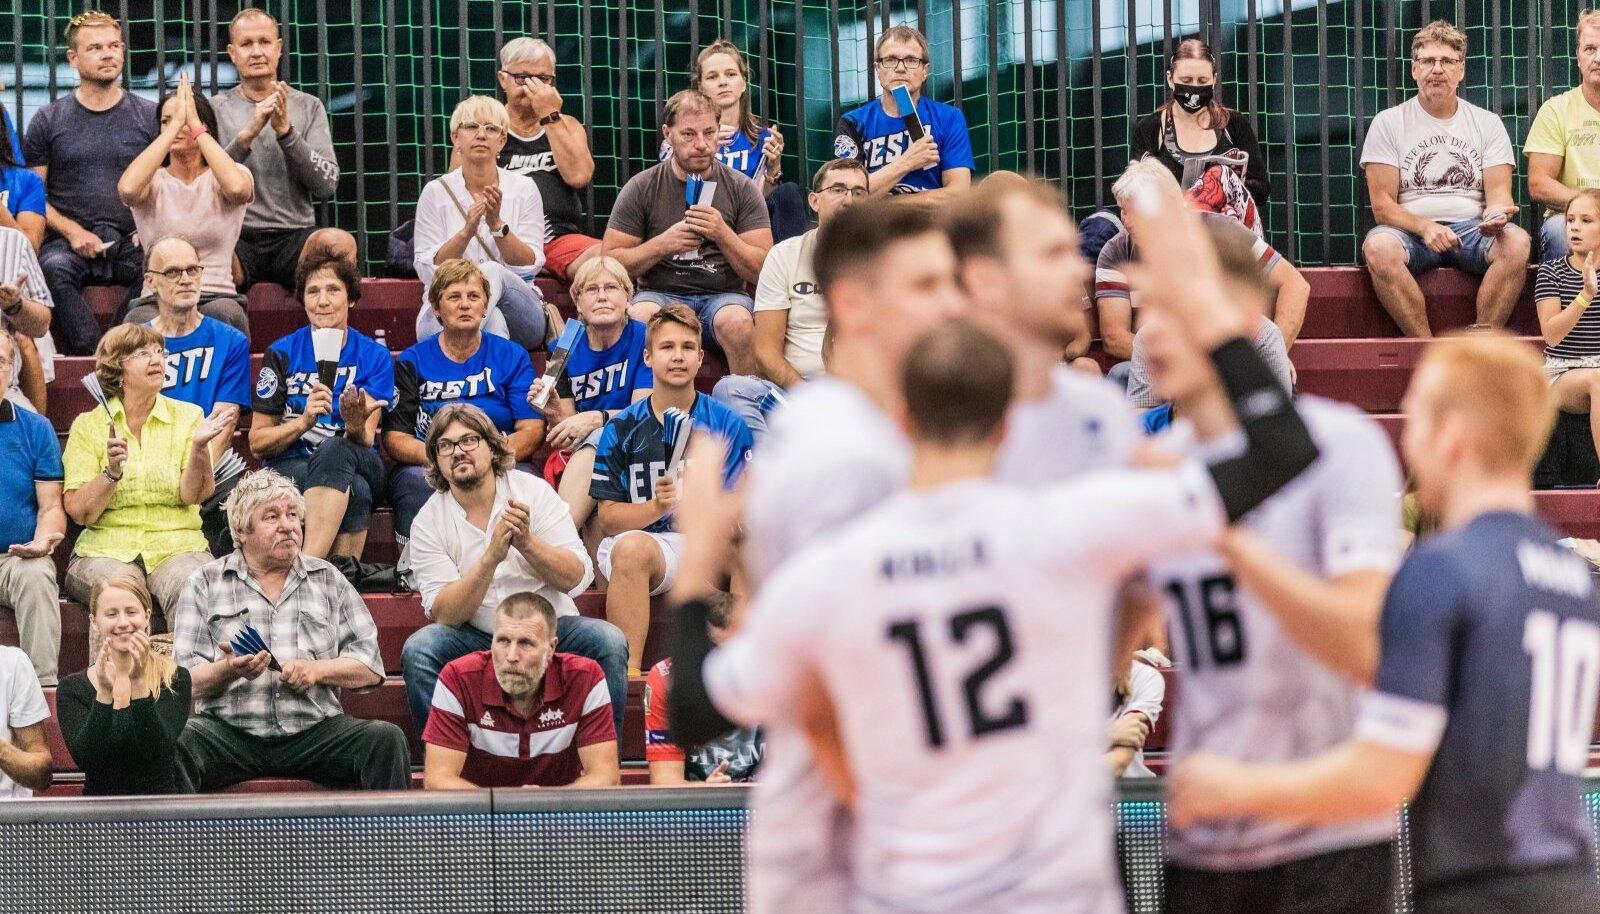 Fännid Eesti võrkpallikoondisele kaasa elamas.